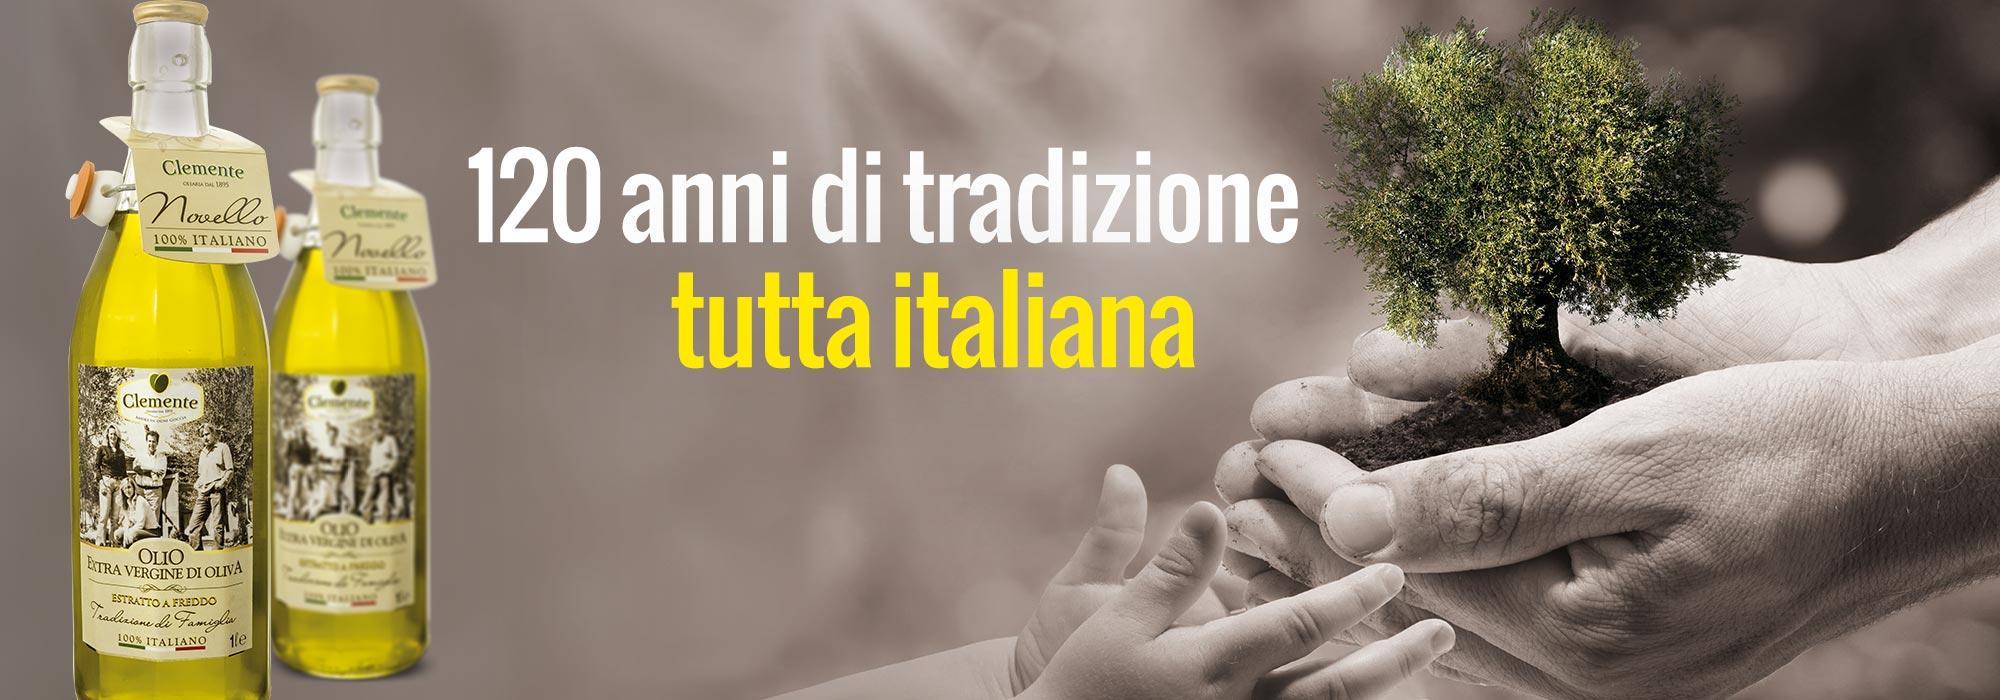 slider-tradizione-italiana